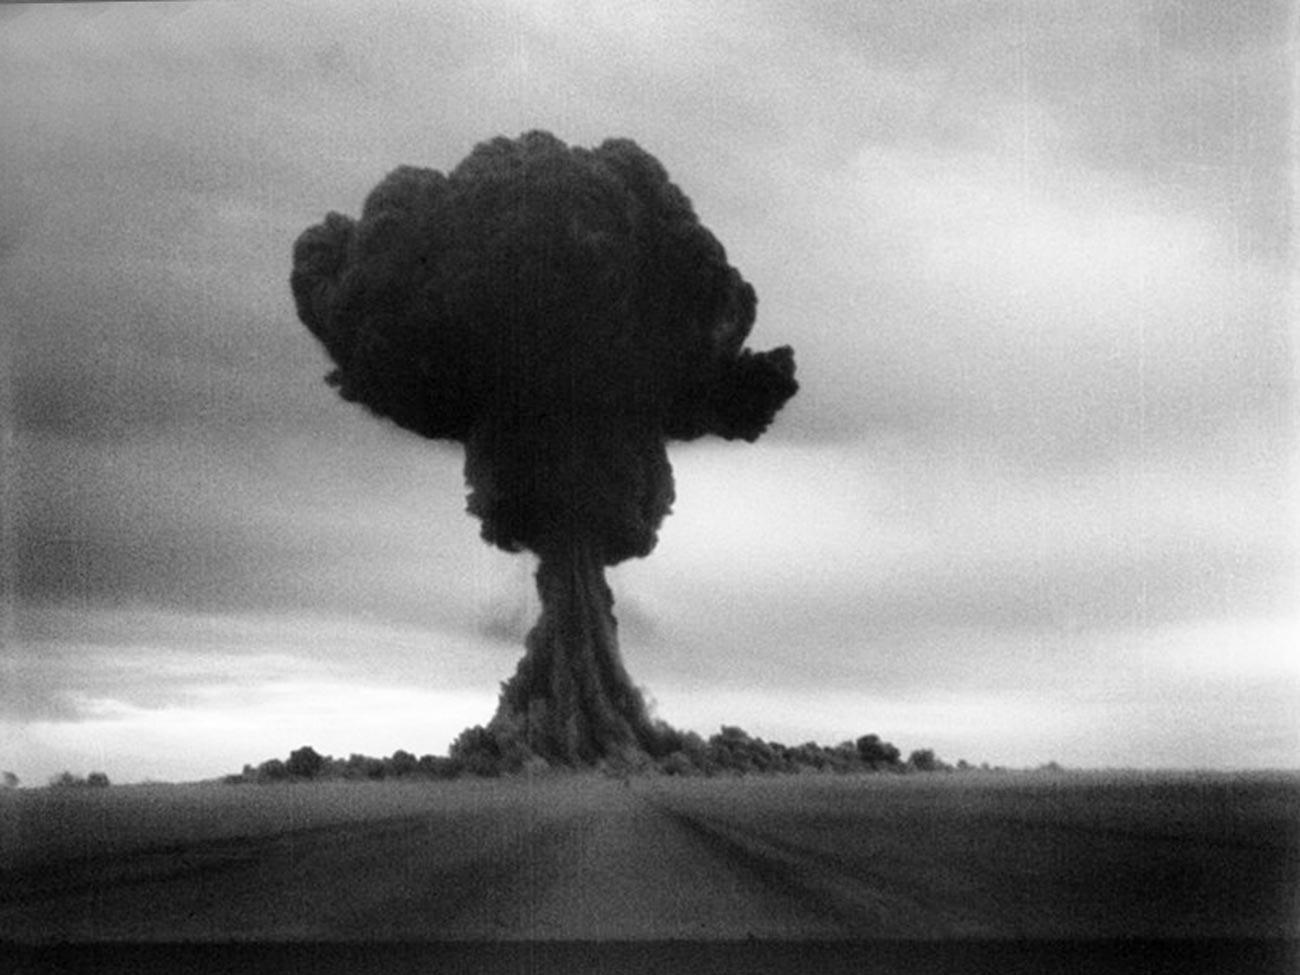 ソビエトの原子爆弾の最初のテスト